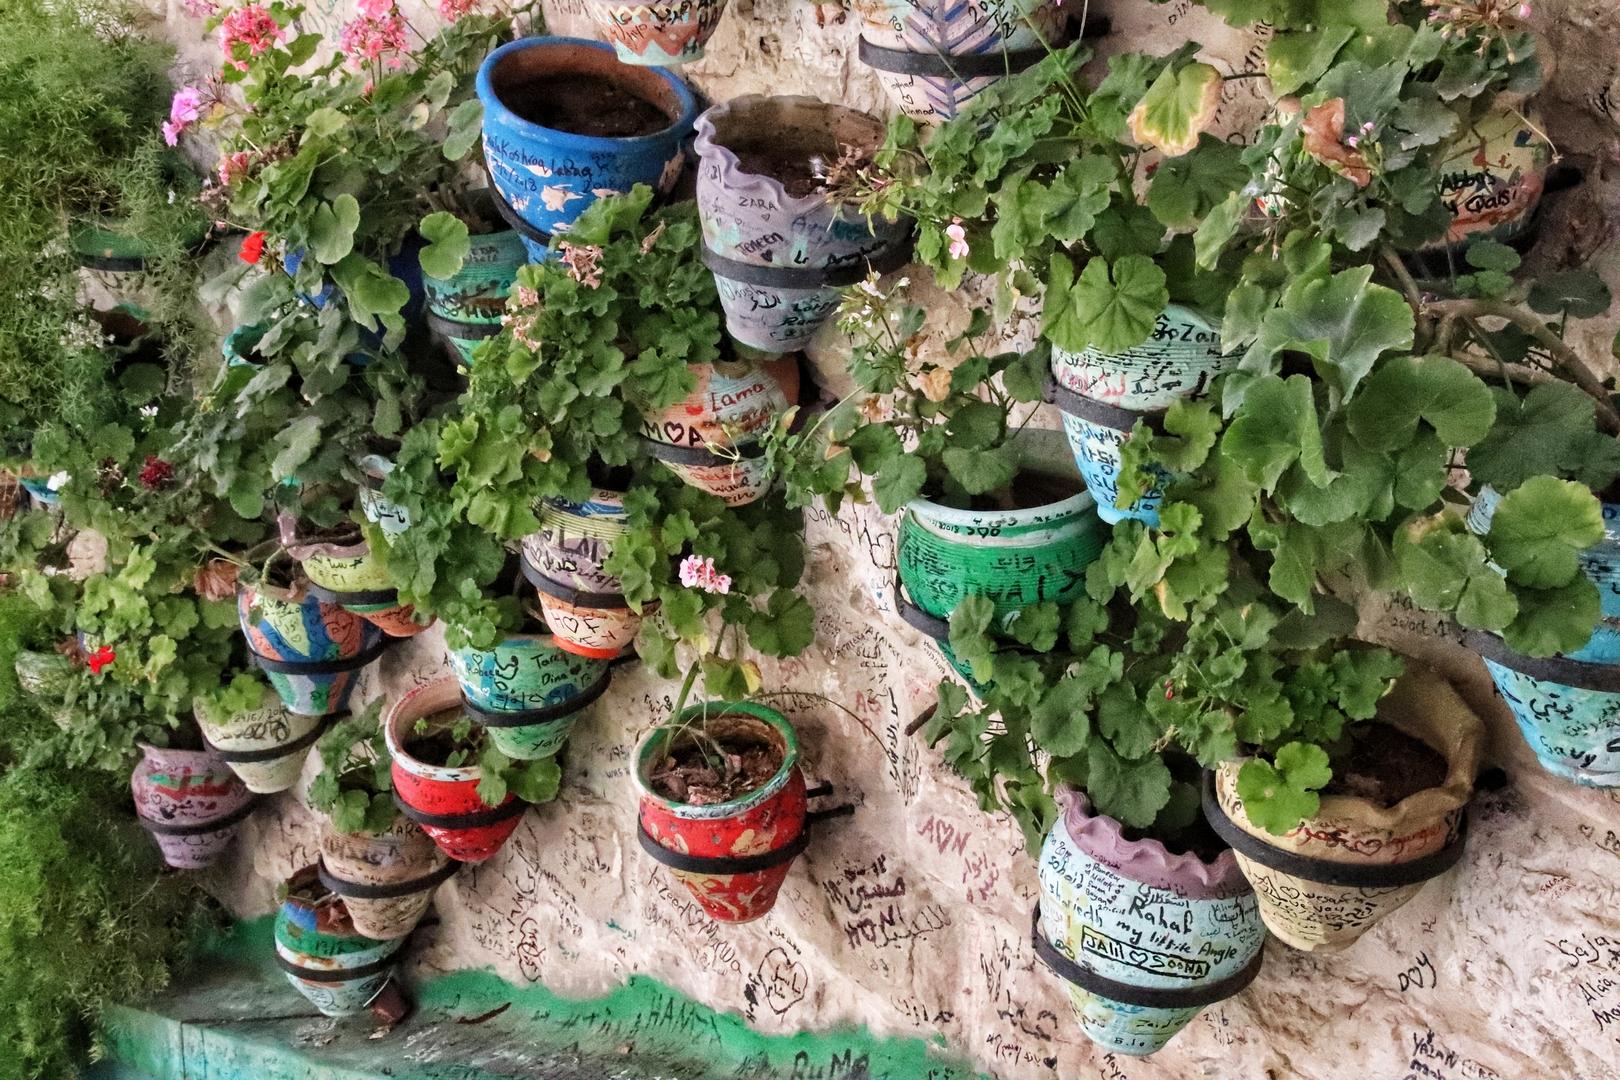 Jordanie - Pots de fleurs décorés dans une ruelle d'Amman